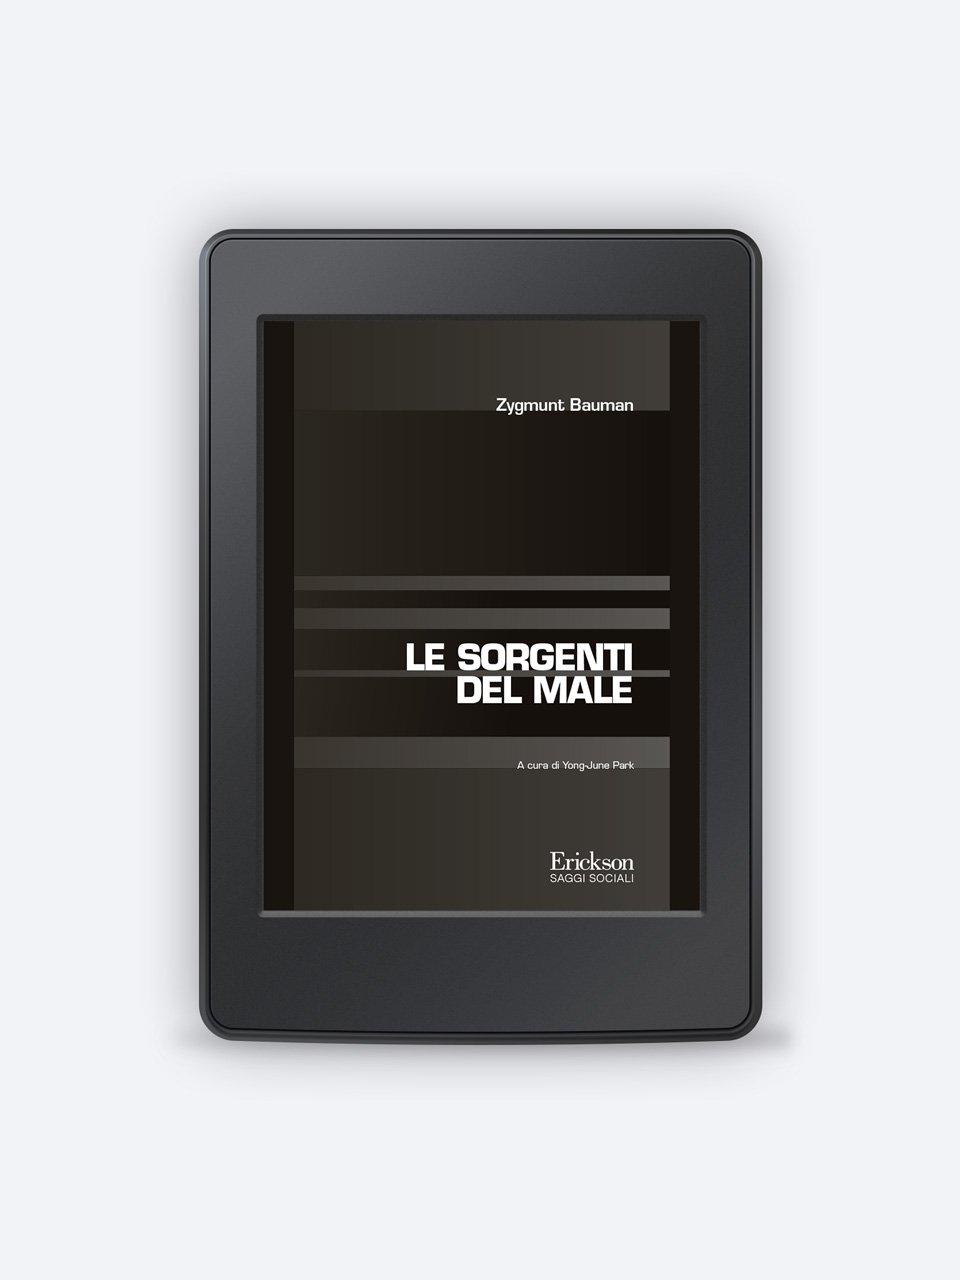 Le sorgenti del male - Libri - Erickson 3